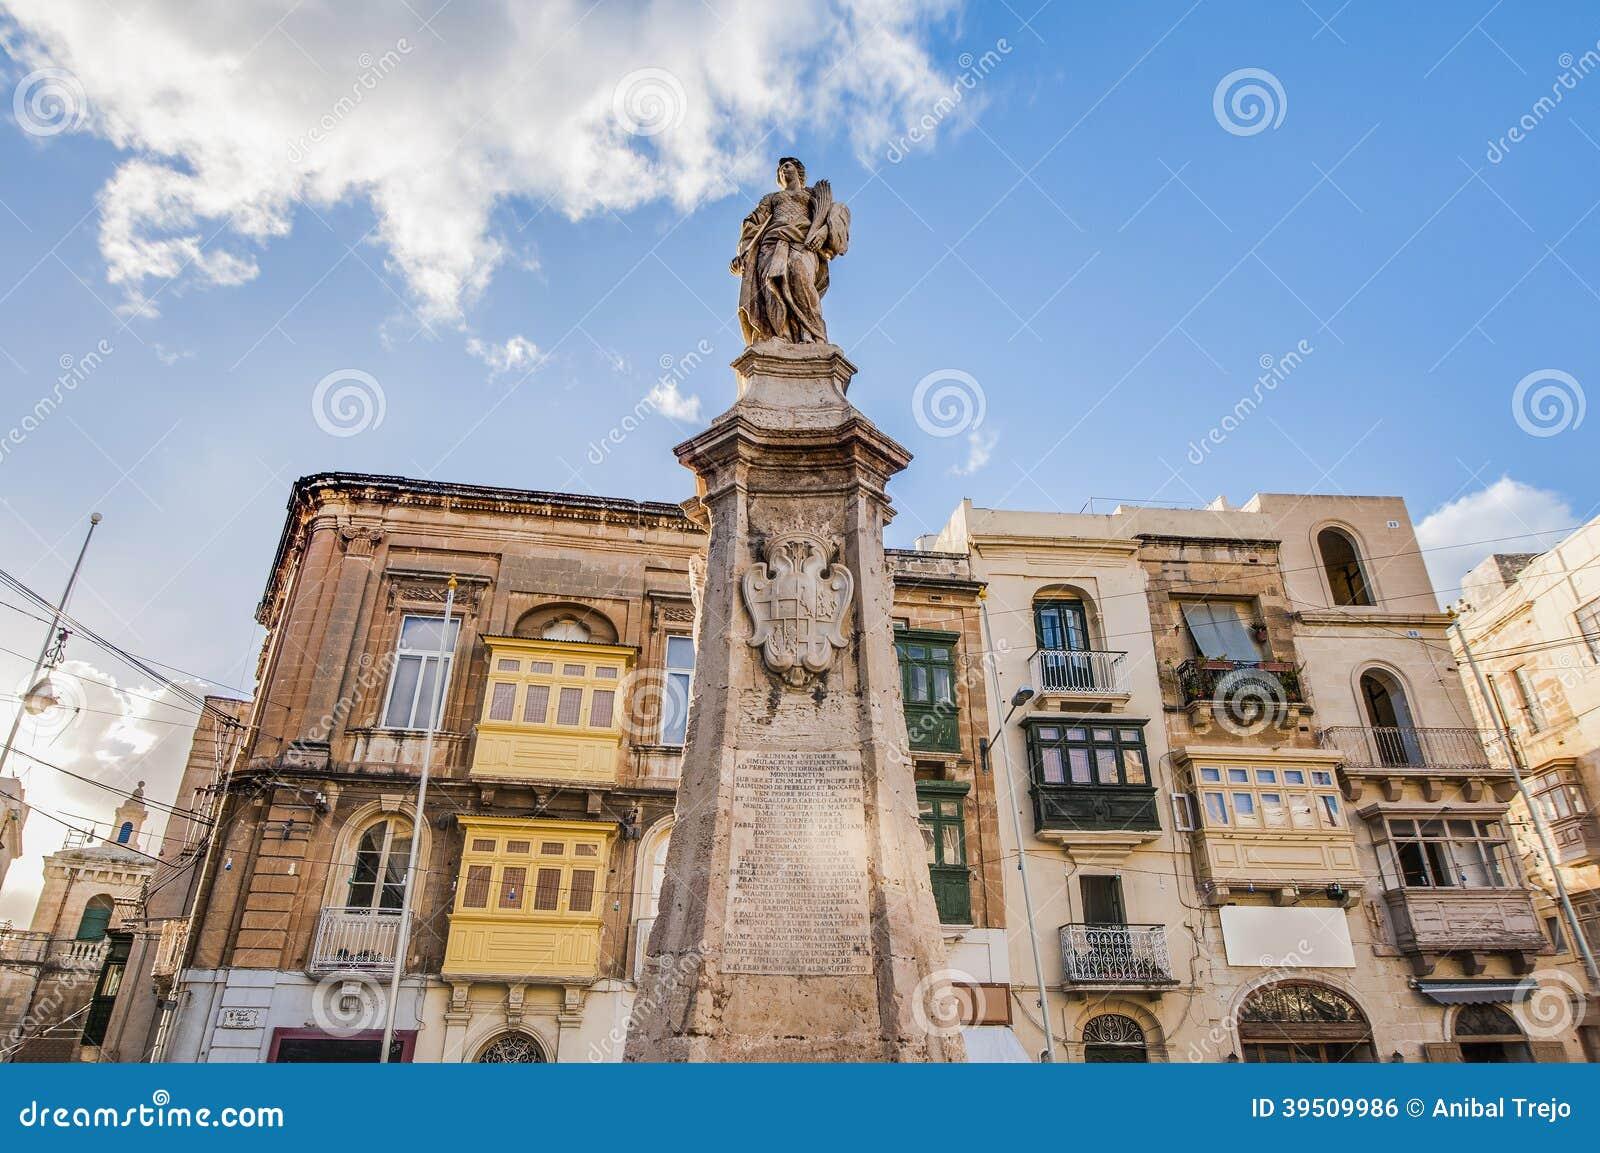 victory monument at vittoriosa square in birgu  malta stock photo